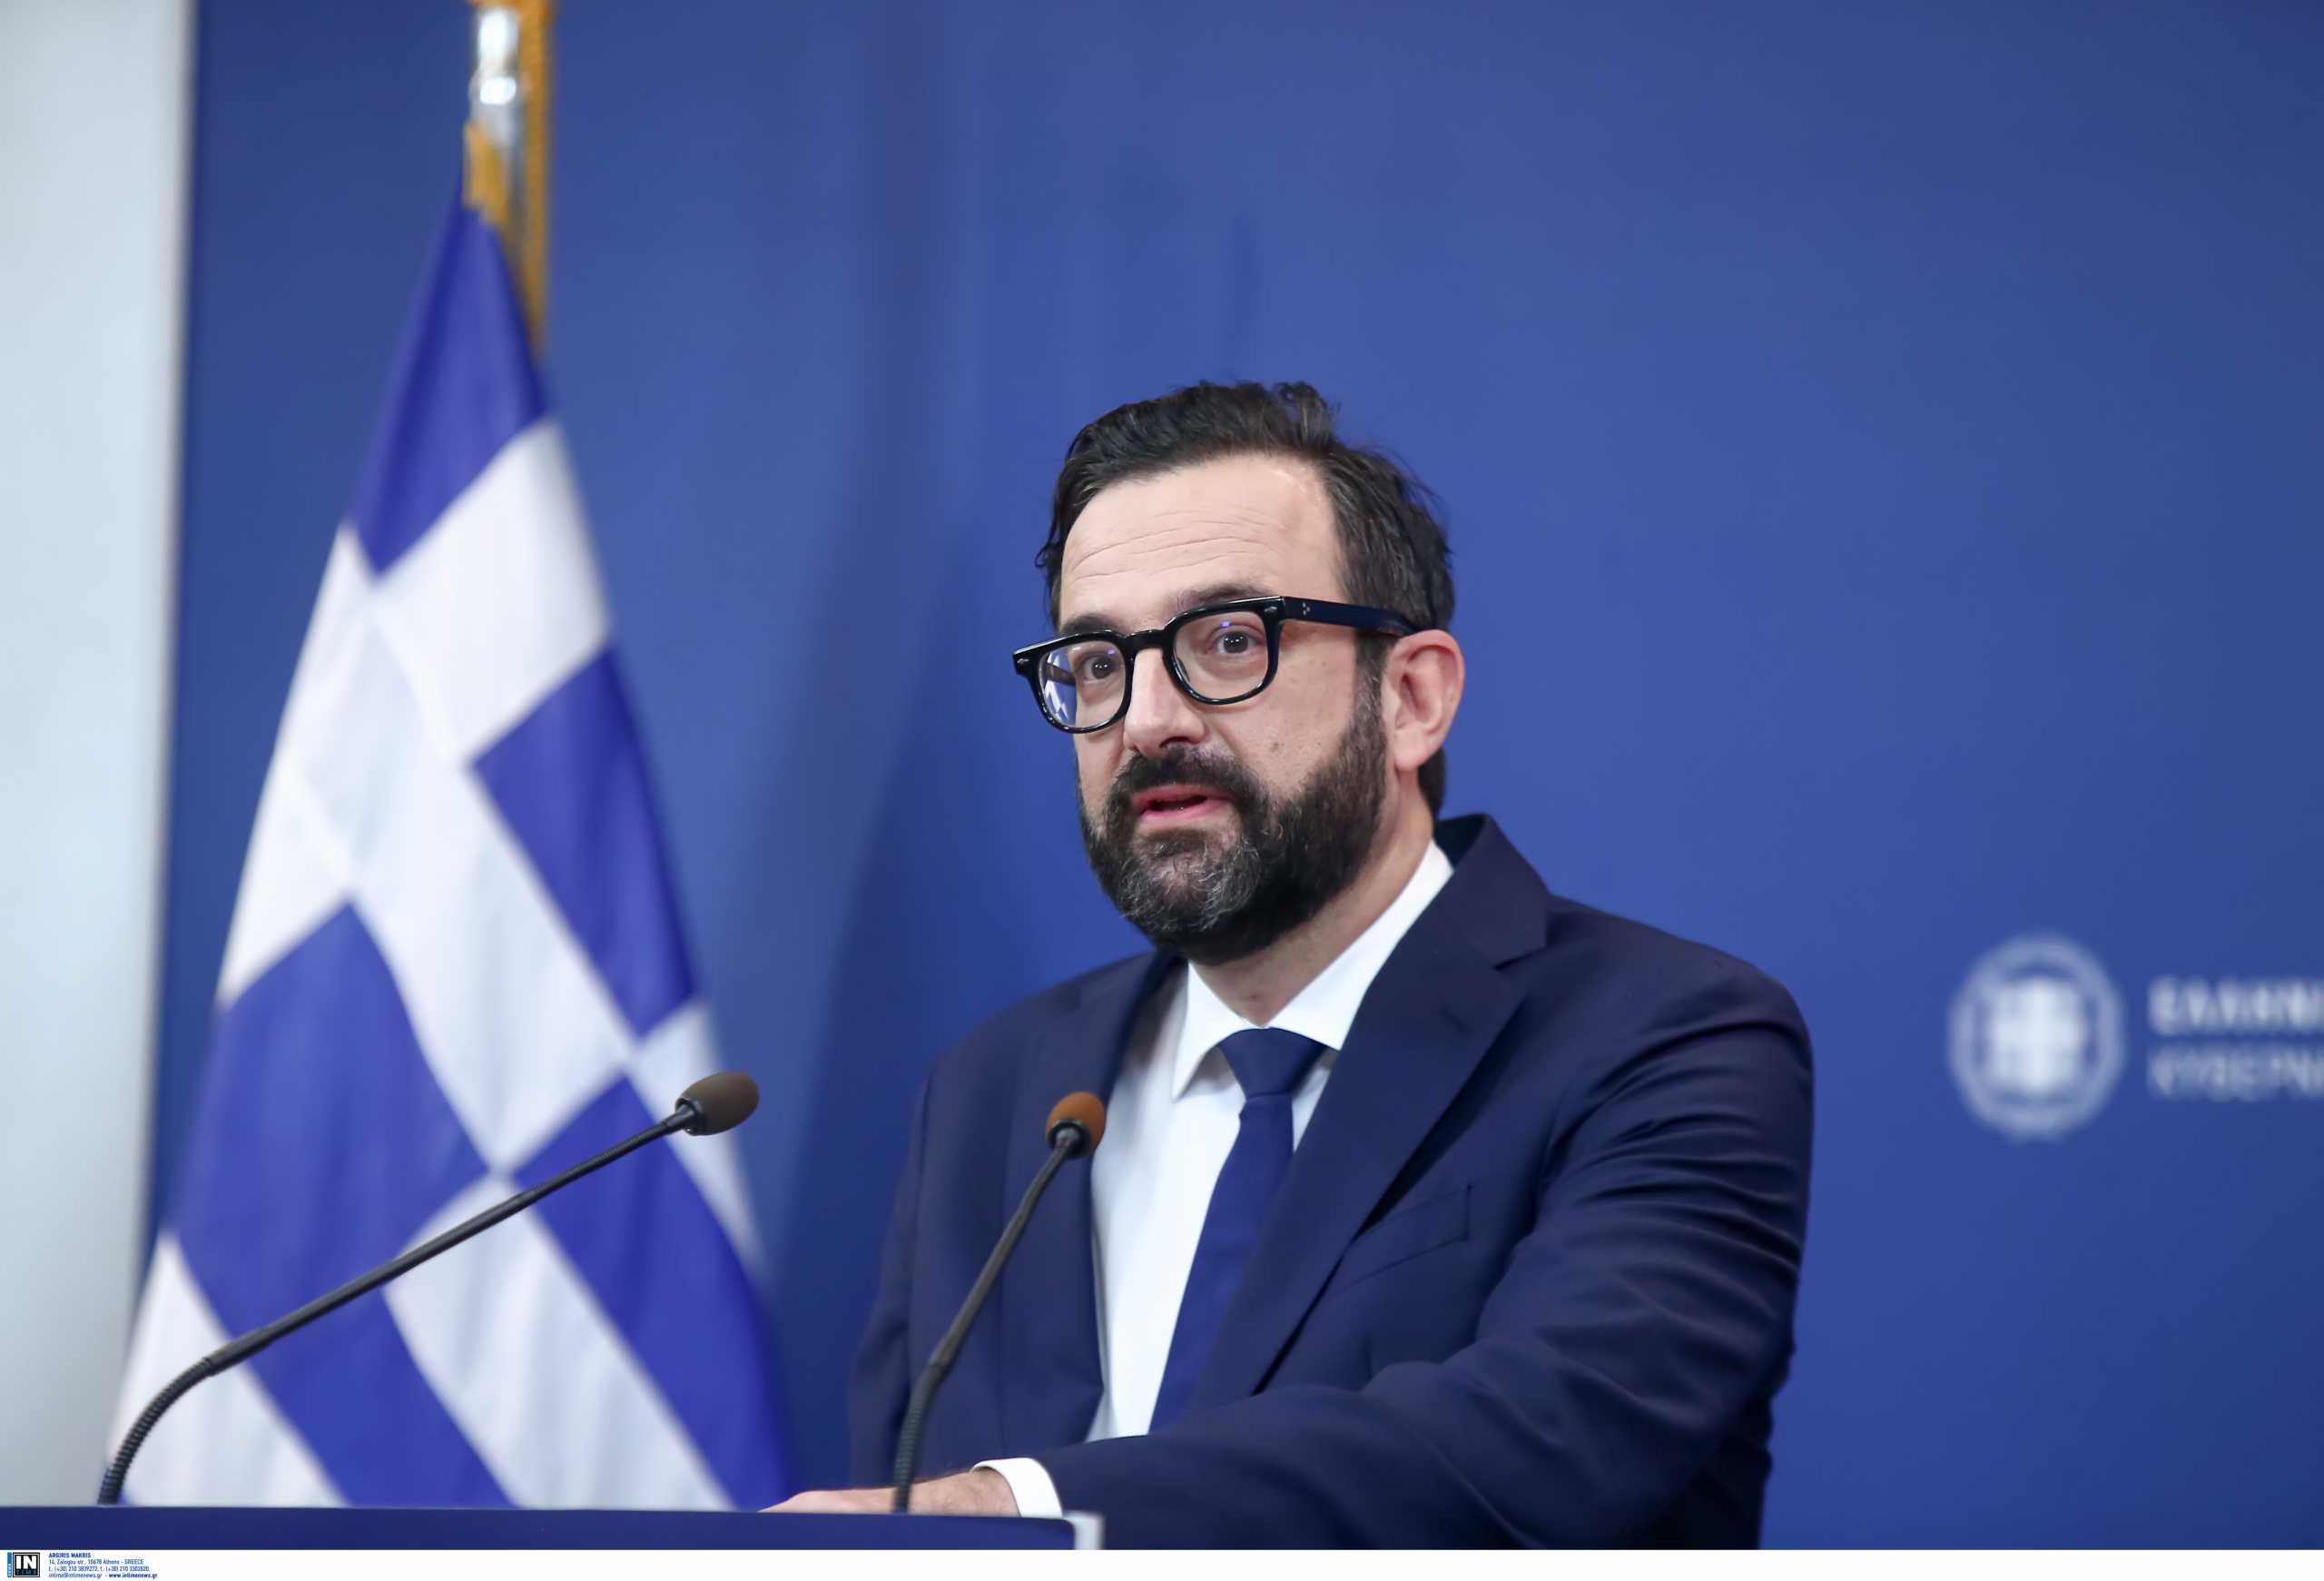 Ταραντίλης: Η παραίτηση μου δεν οφείλεται σε πολιτικούς λόγους